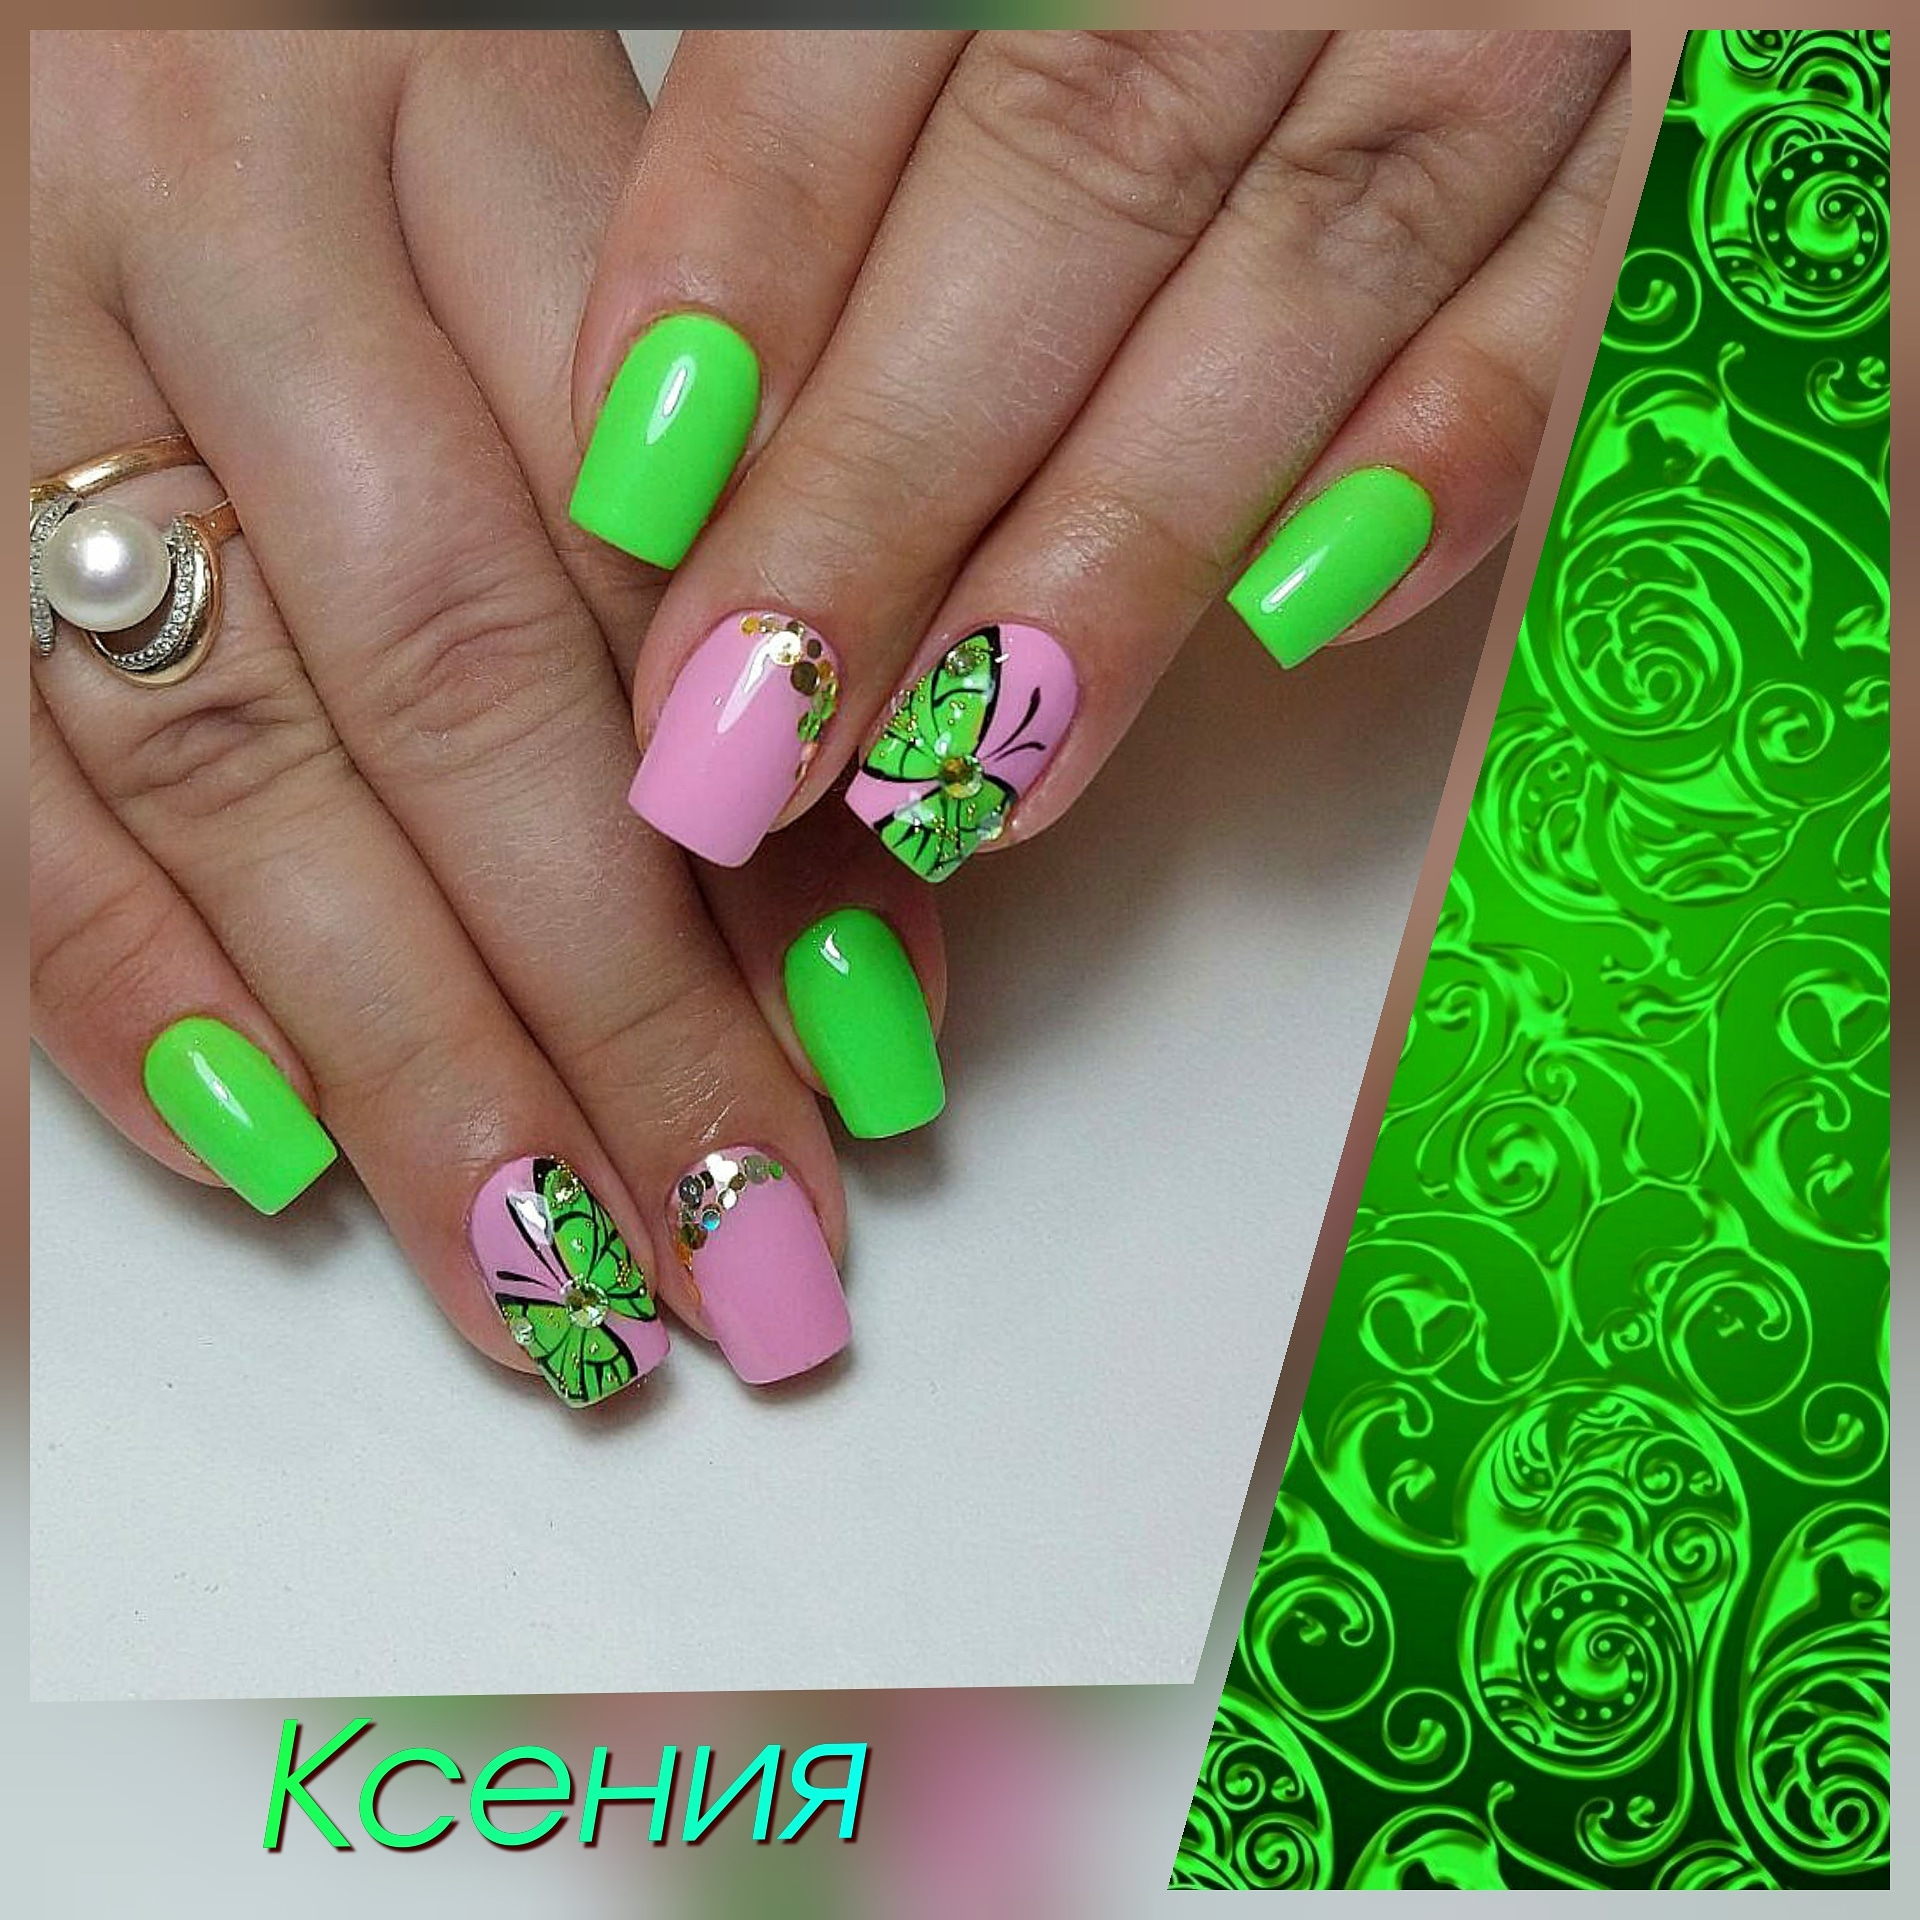 Маникюр с бабочками и камифубуки в кислотном цвете на короткие ногти.